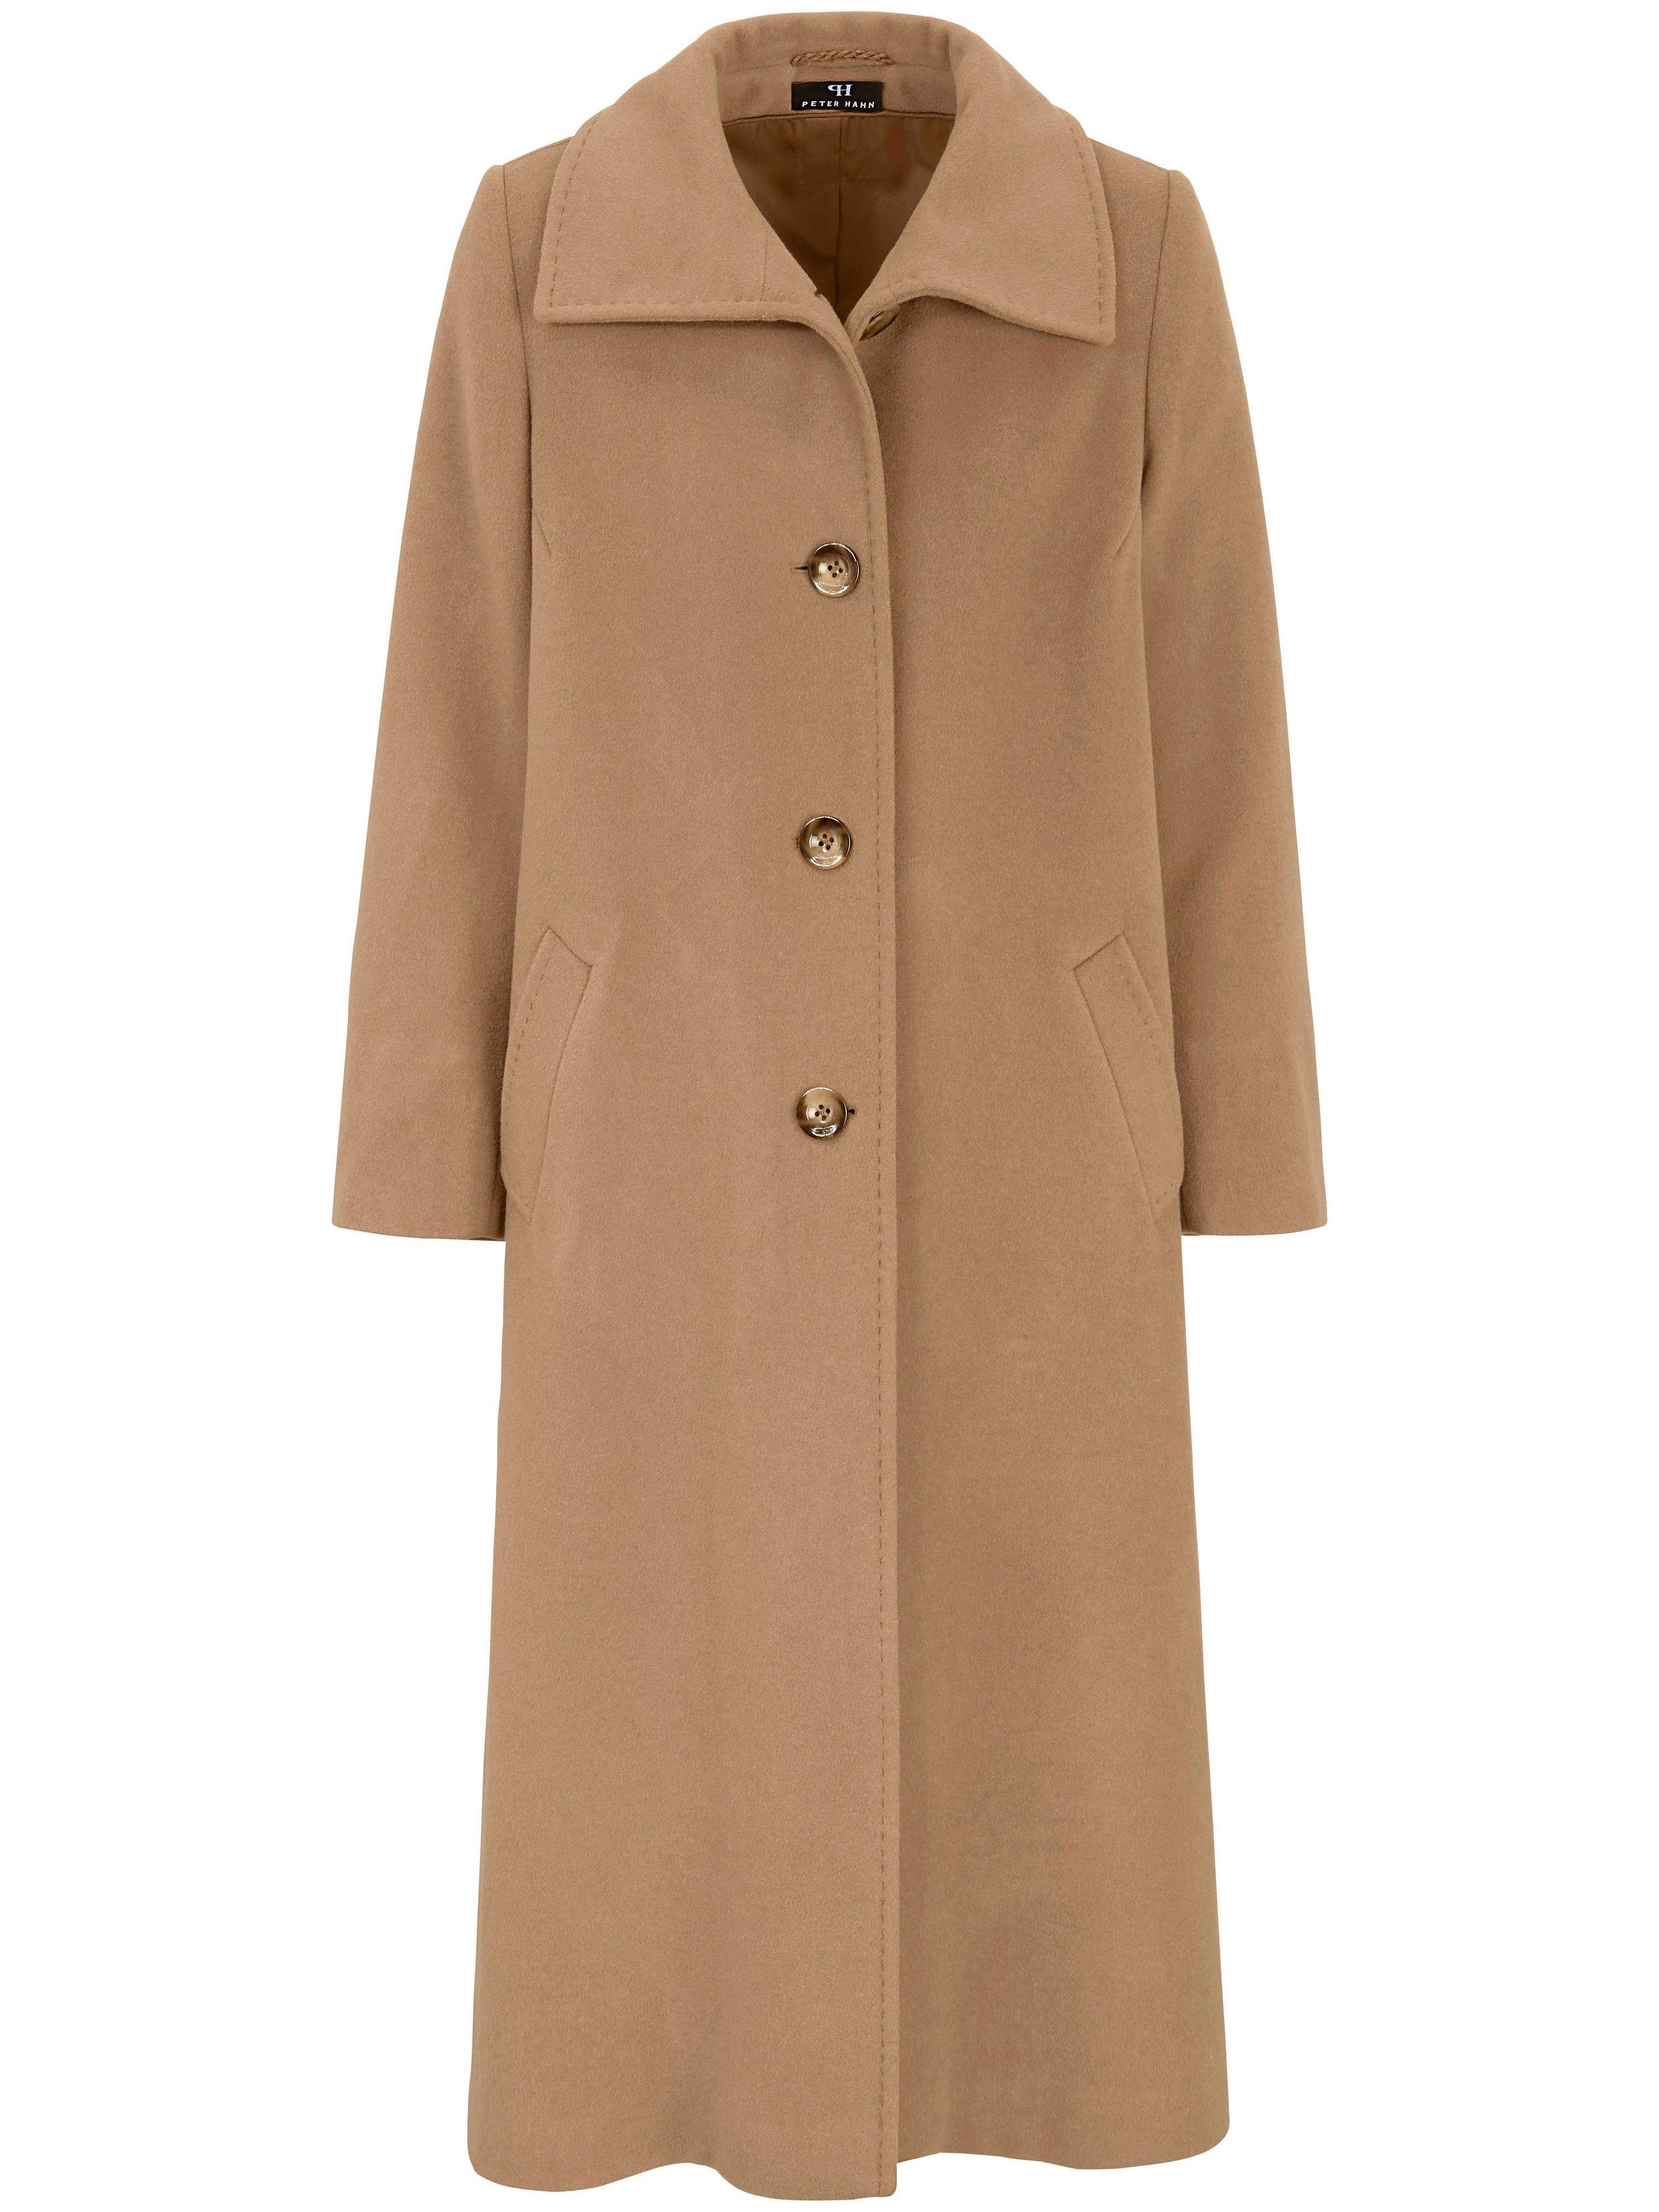 Le manteau coupe évasée  Peter Hahn marron taille 21